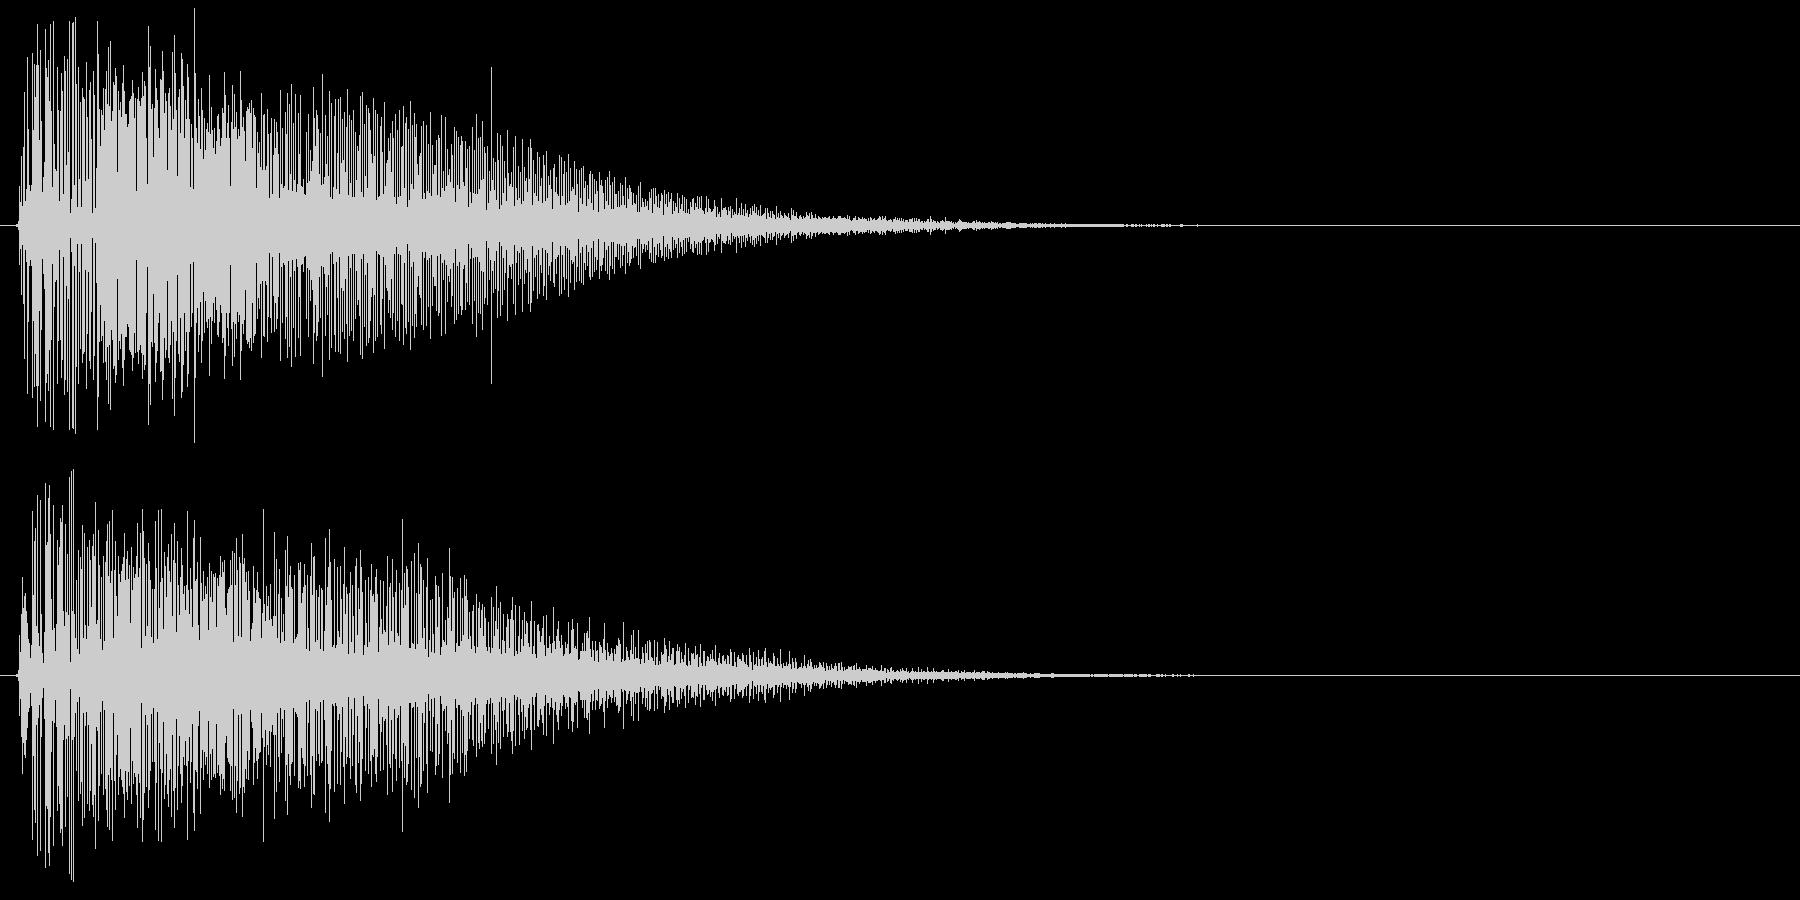 ライトセーバーを抜く音 光剣 レーザーの未再生の波形